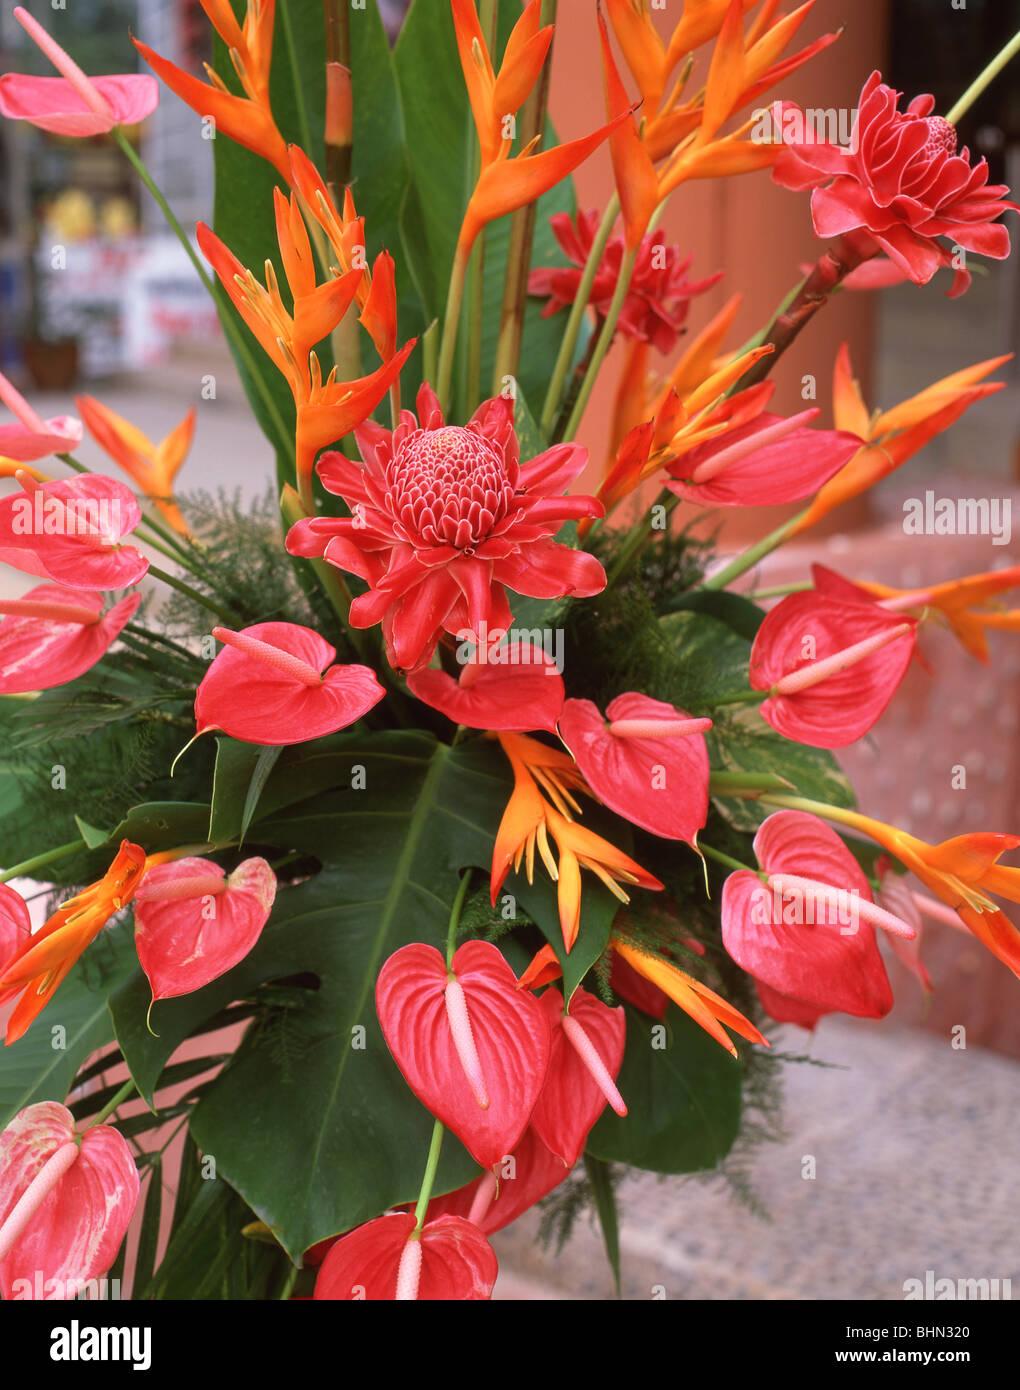 Tropical flowers bouquet phuket phuket province thailand stock tropical flowers bouquet phuket phuket province thailand izmirmasajfo